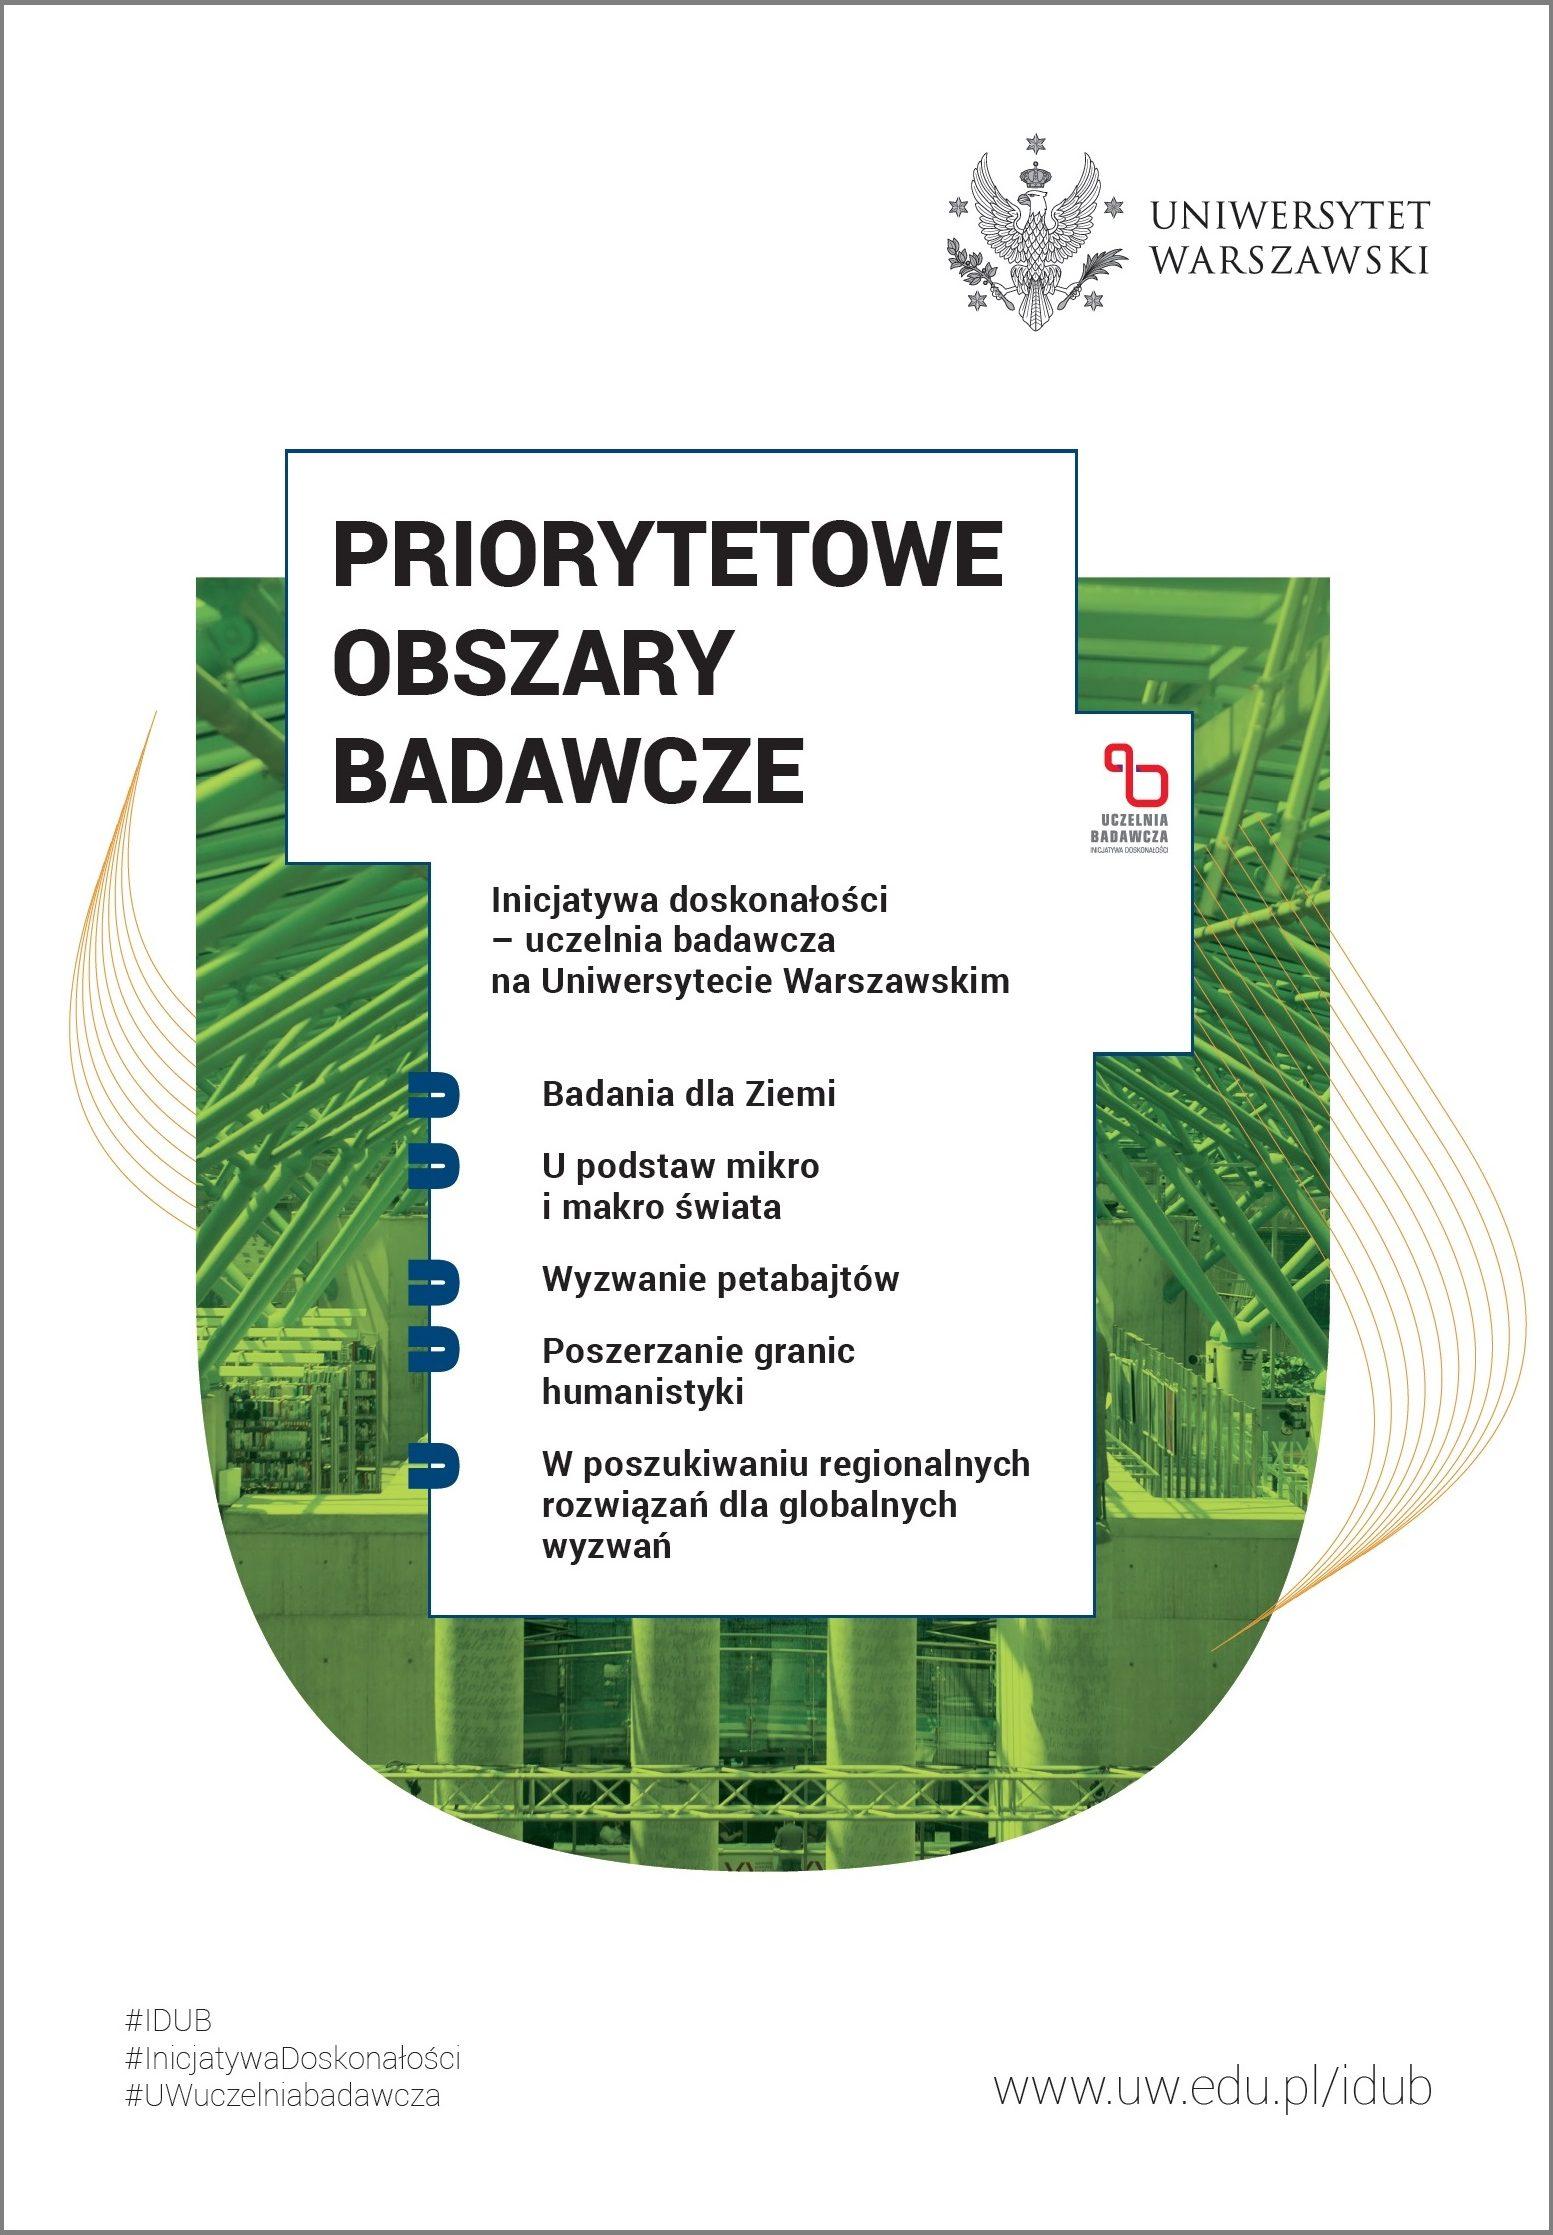 Plakat IDUB Priorytetowe obszary badawcze